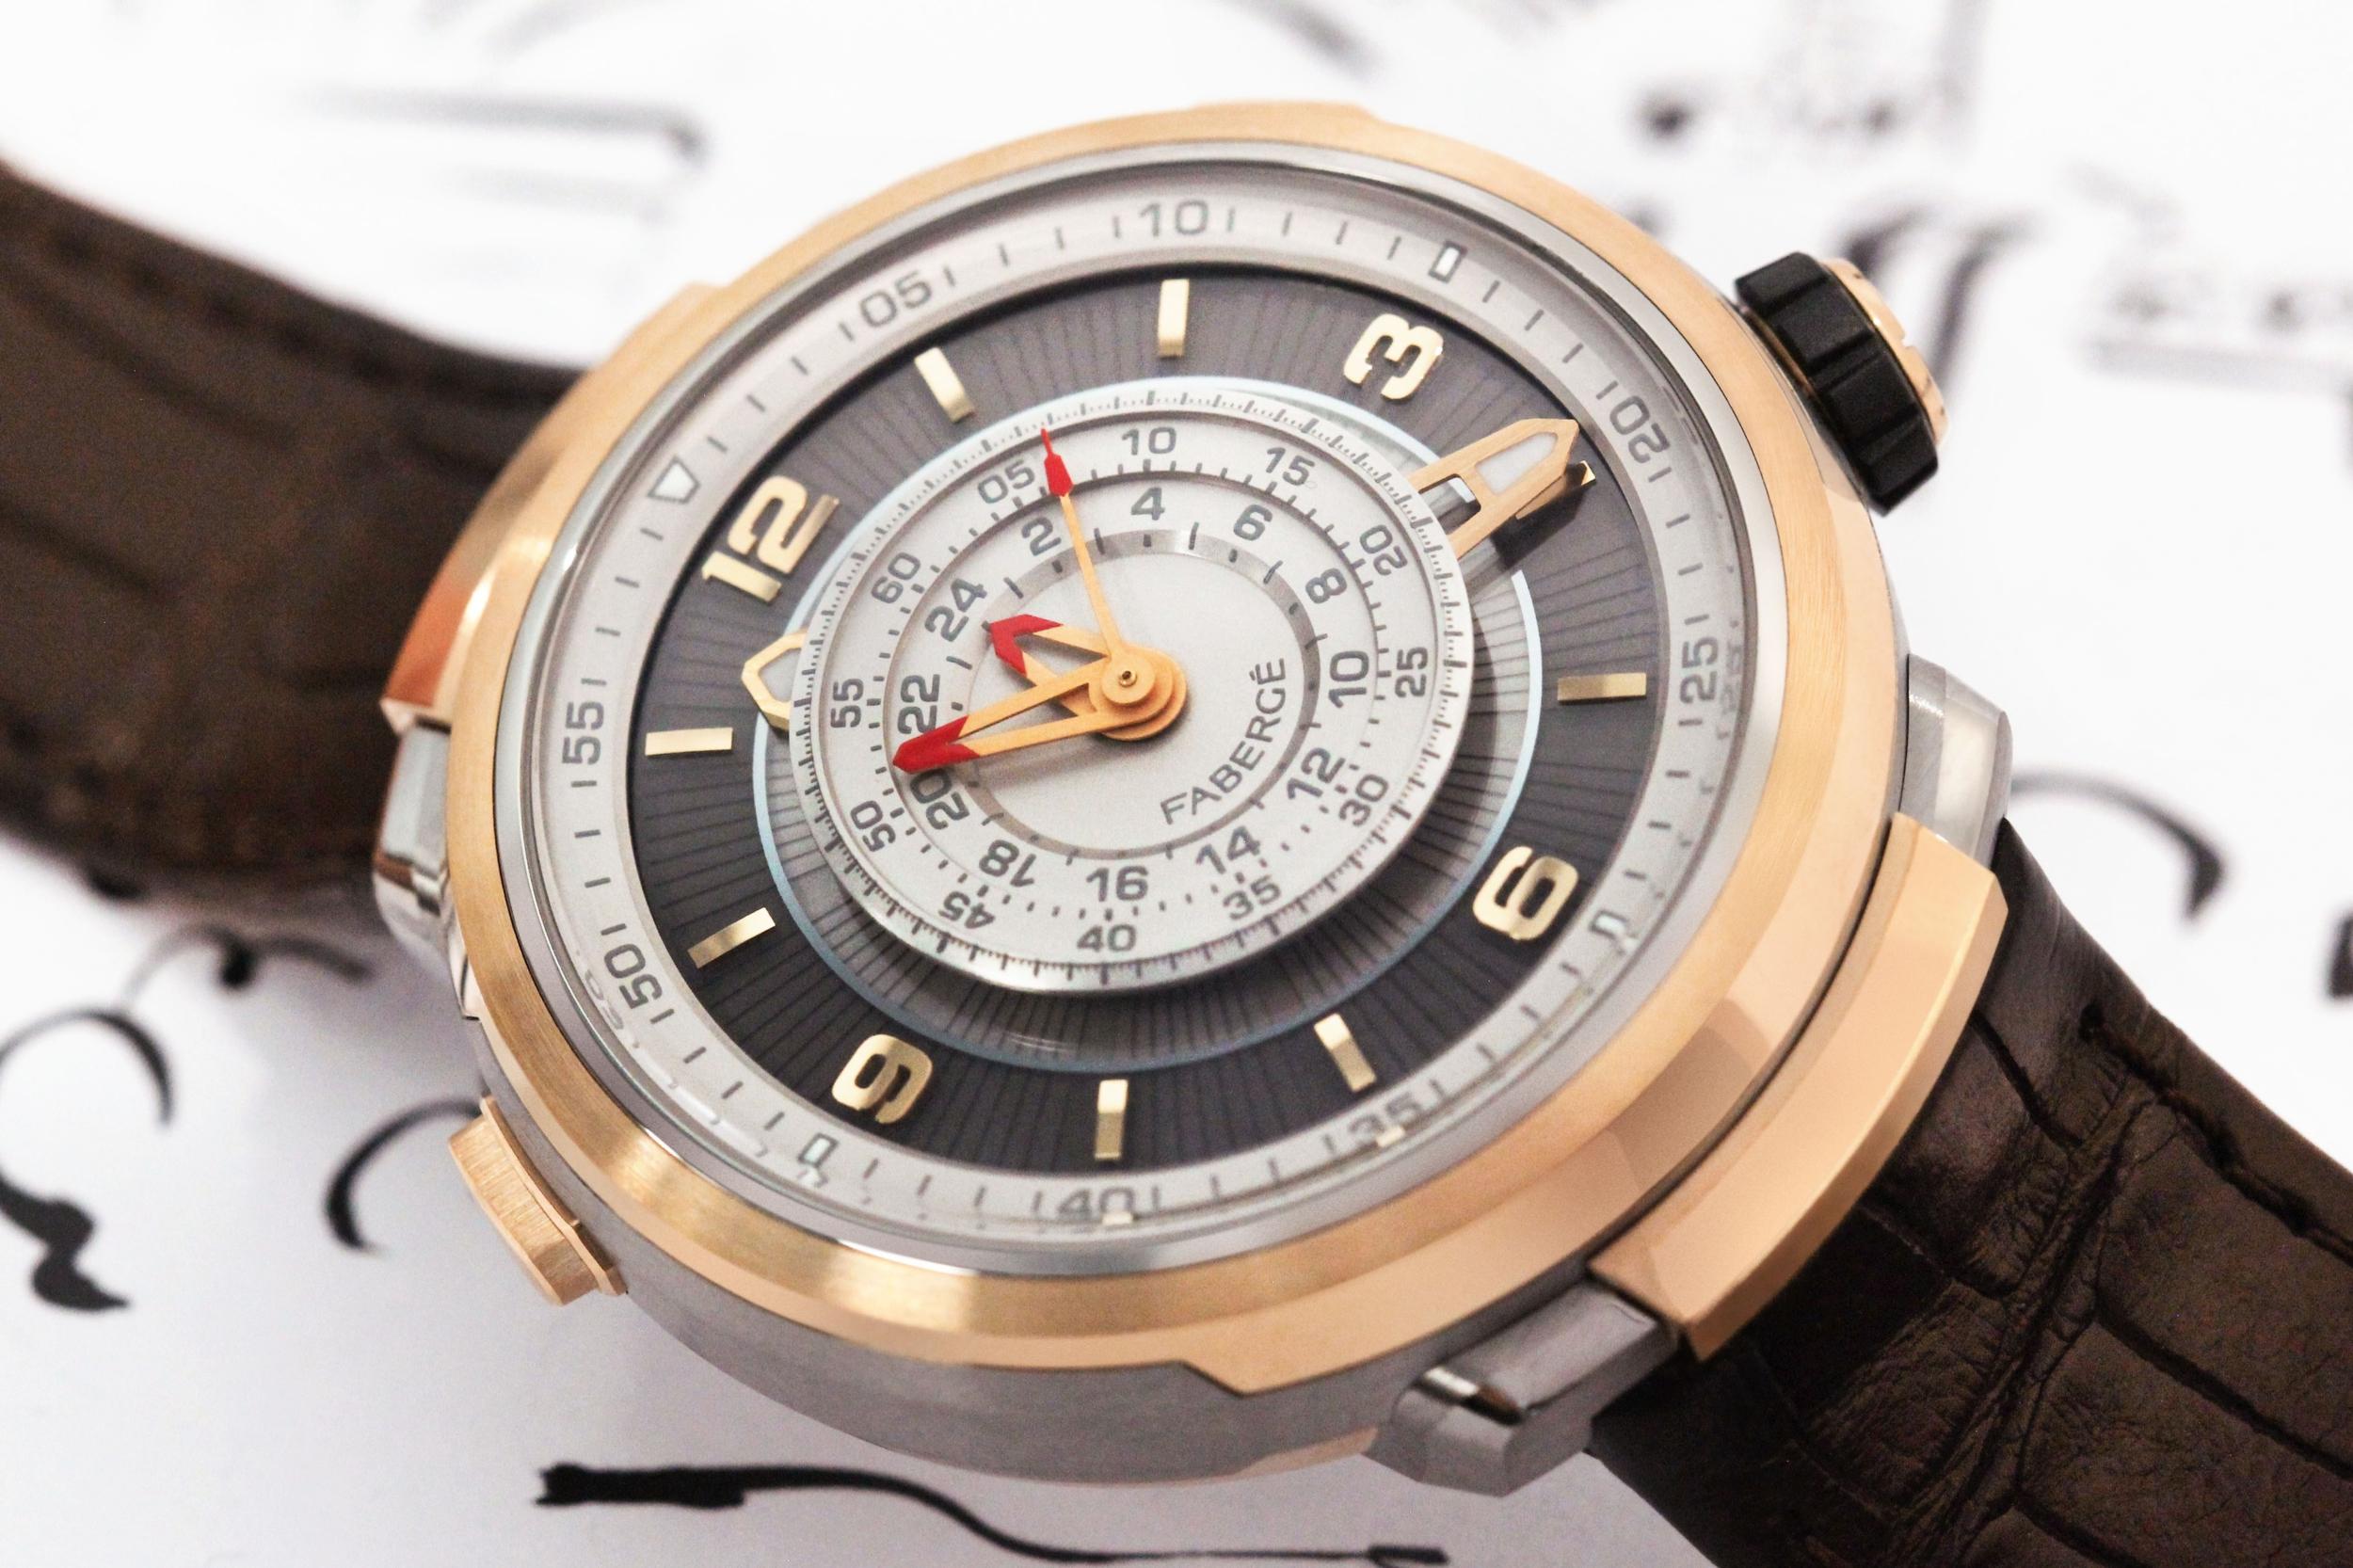 Montre Fabergé Visionnaire chronographe or rose 18 carats